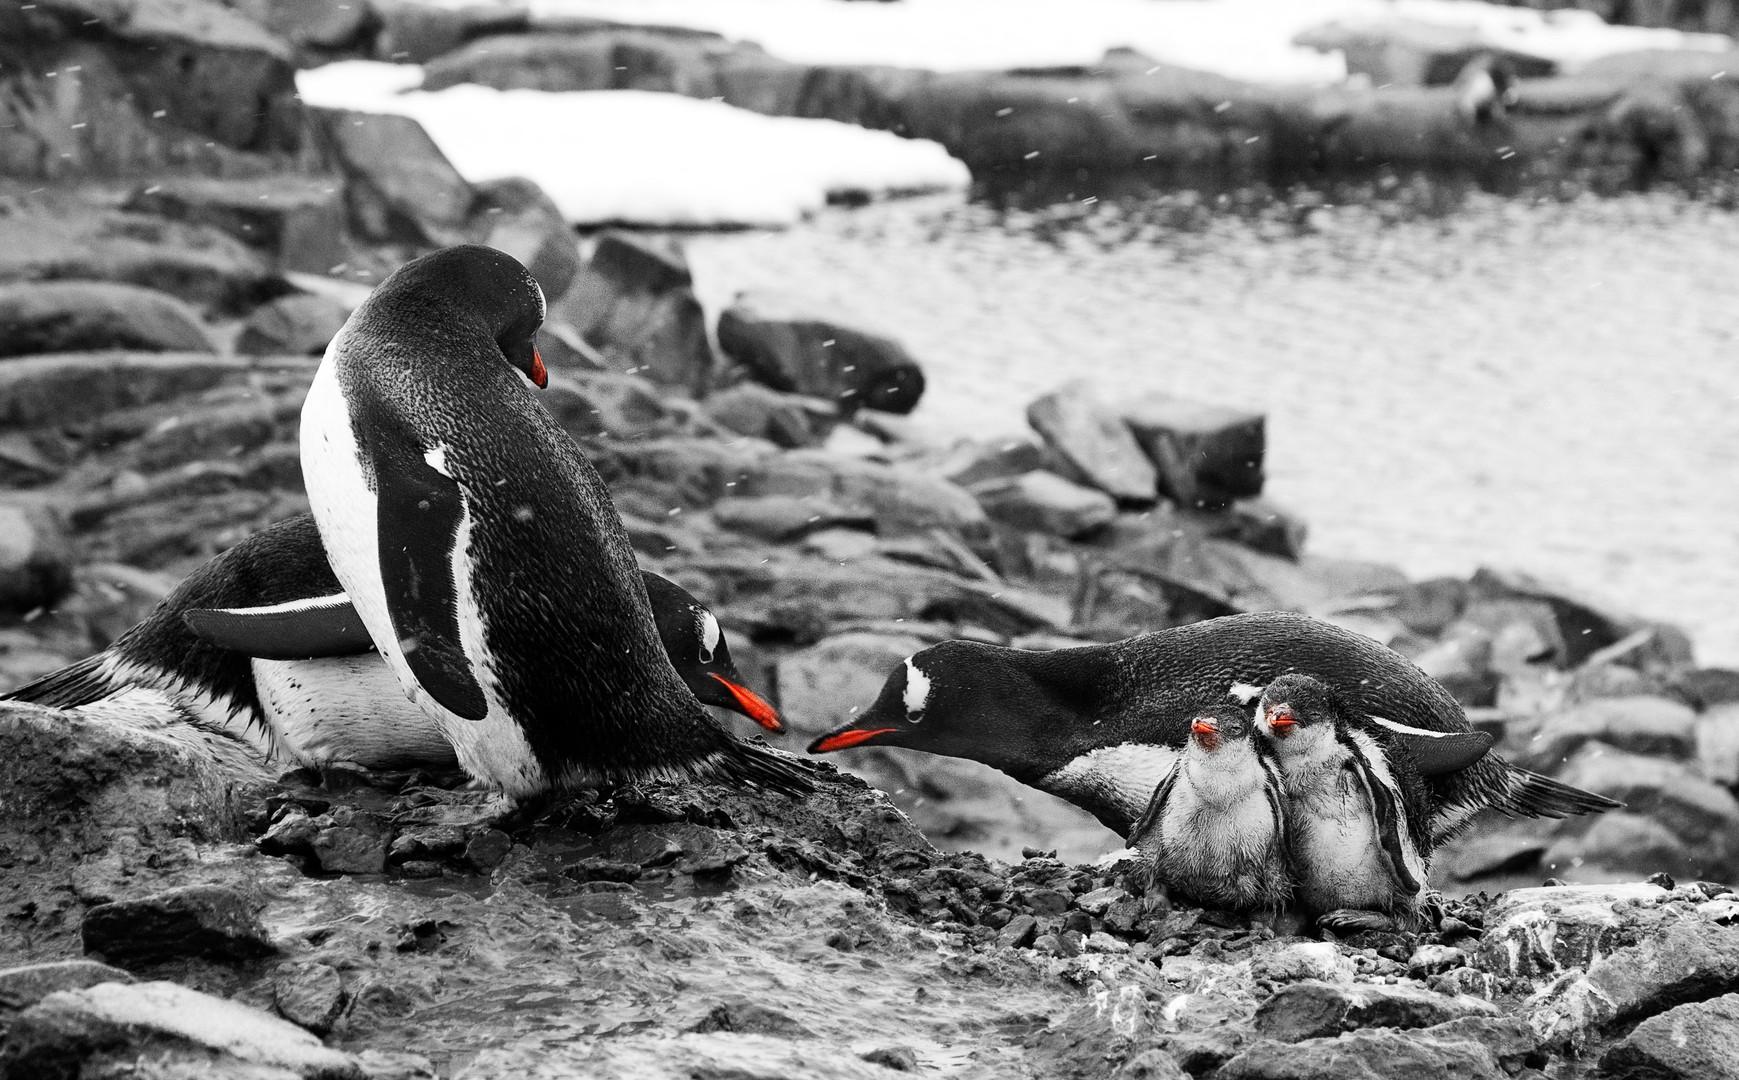 Family Dispute, Gentoo Penguins